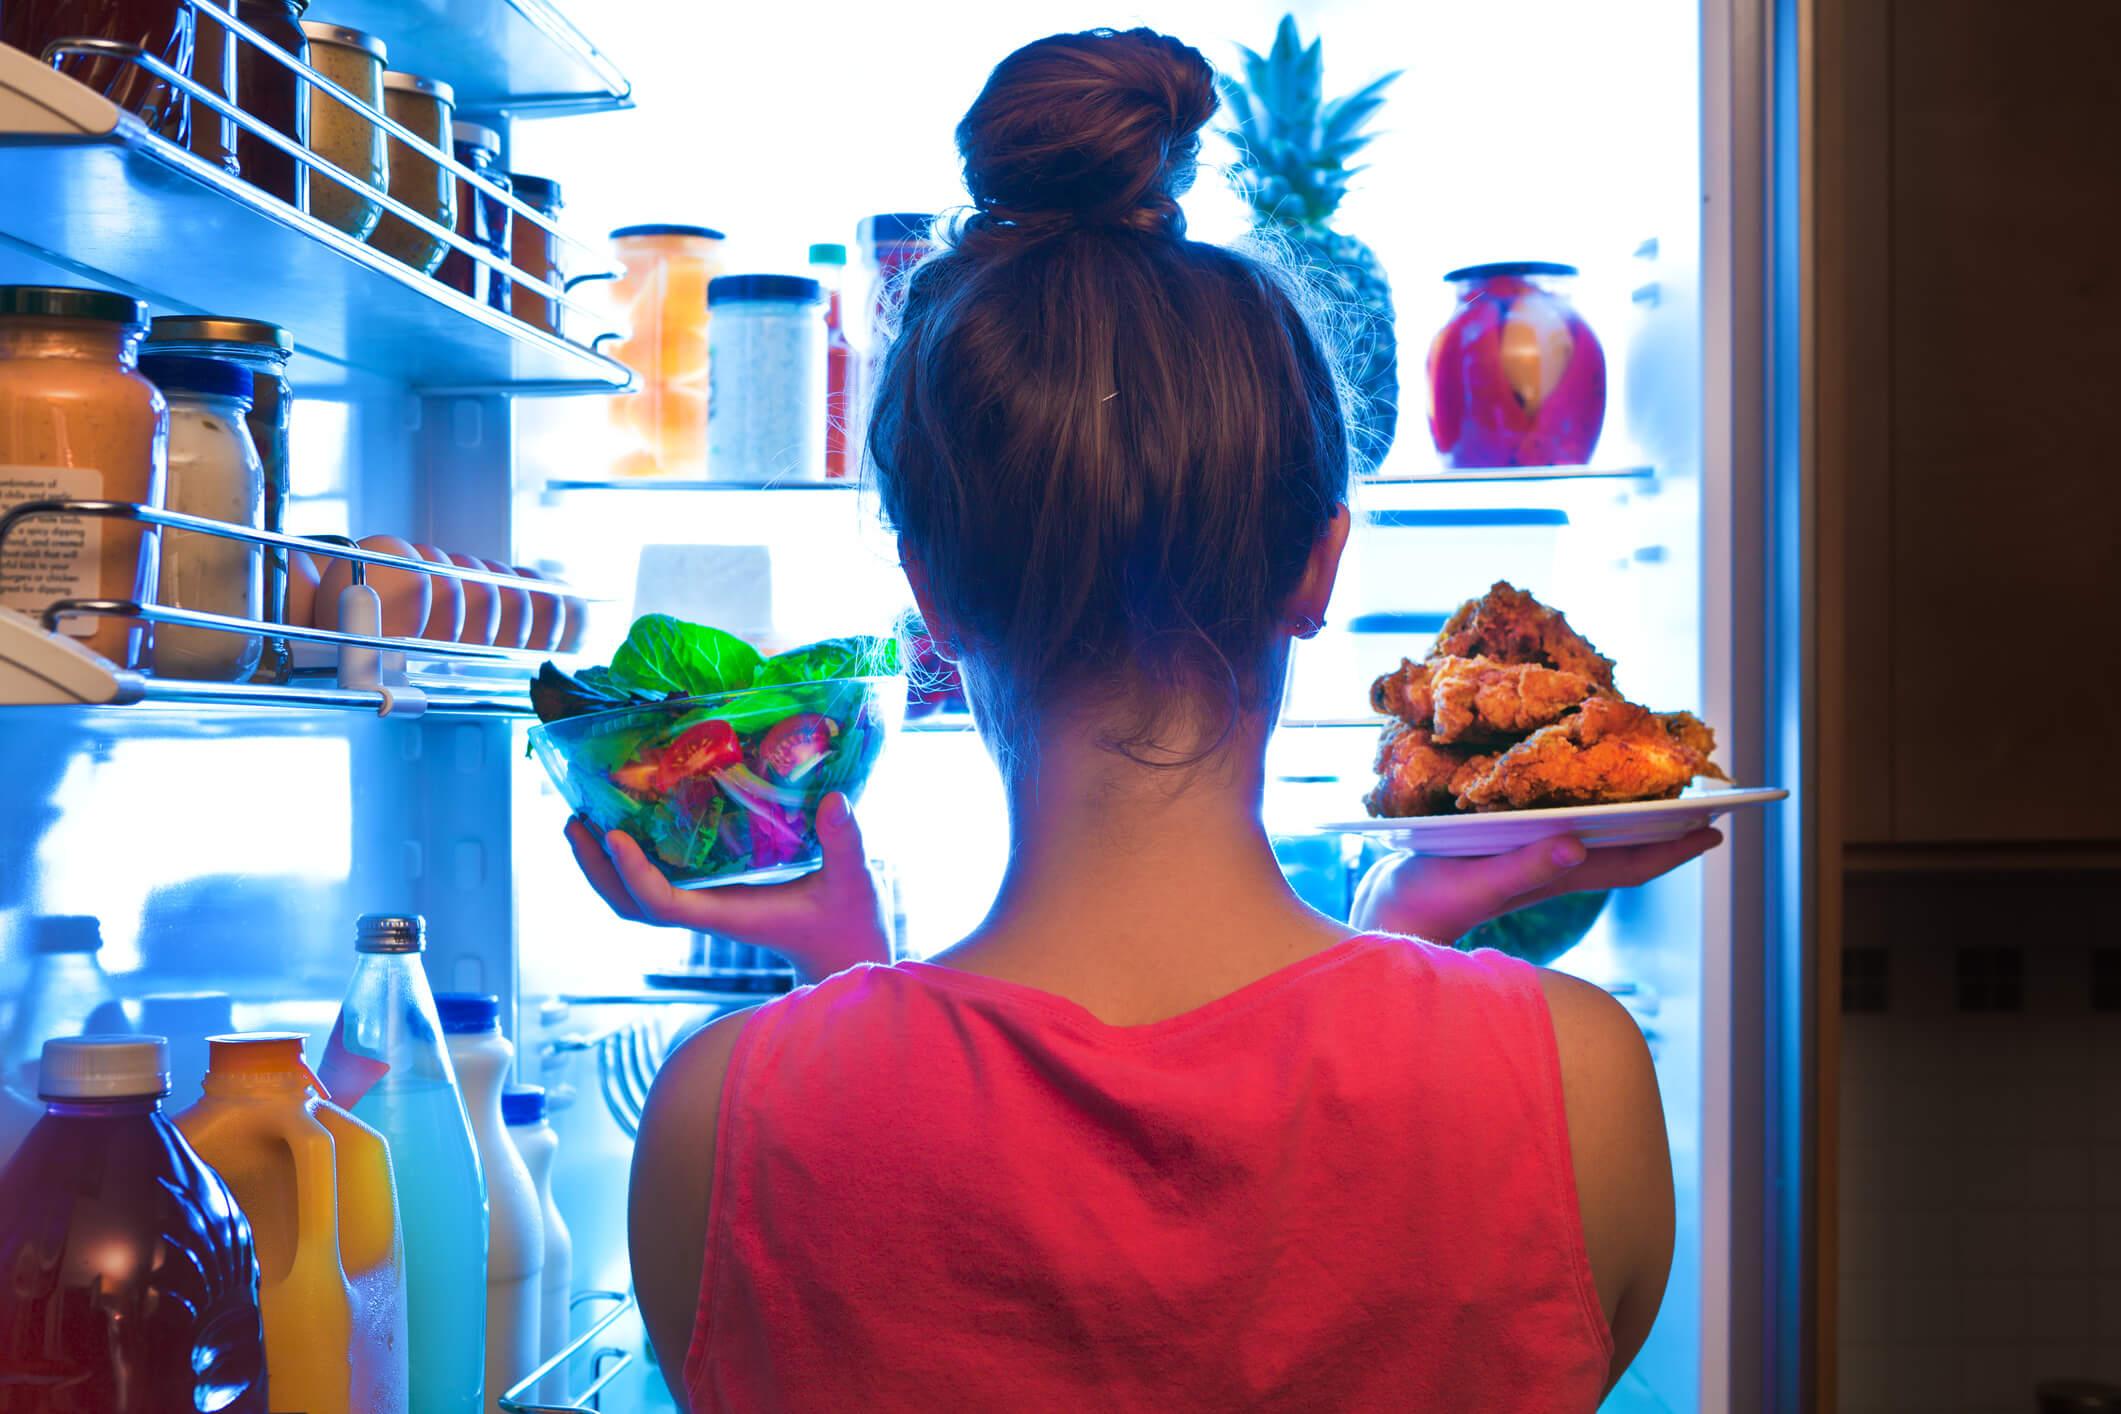 Правила здоровья: как хранить продукты питания-320x180